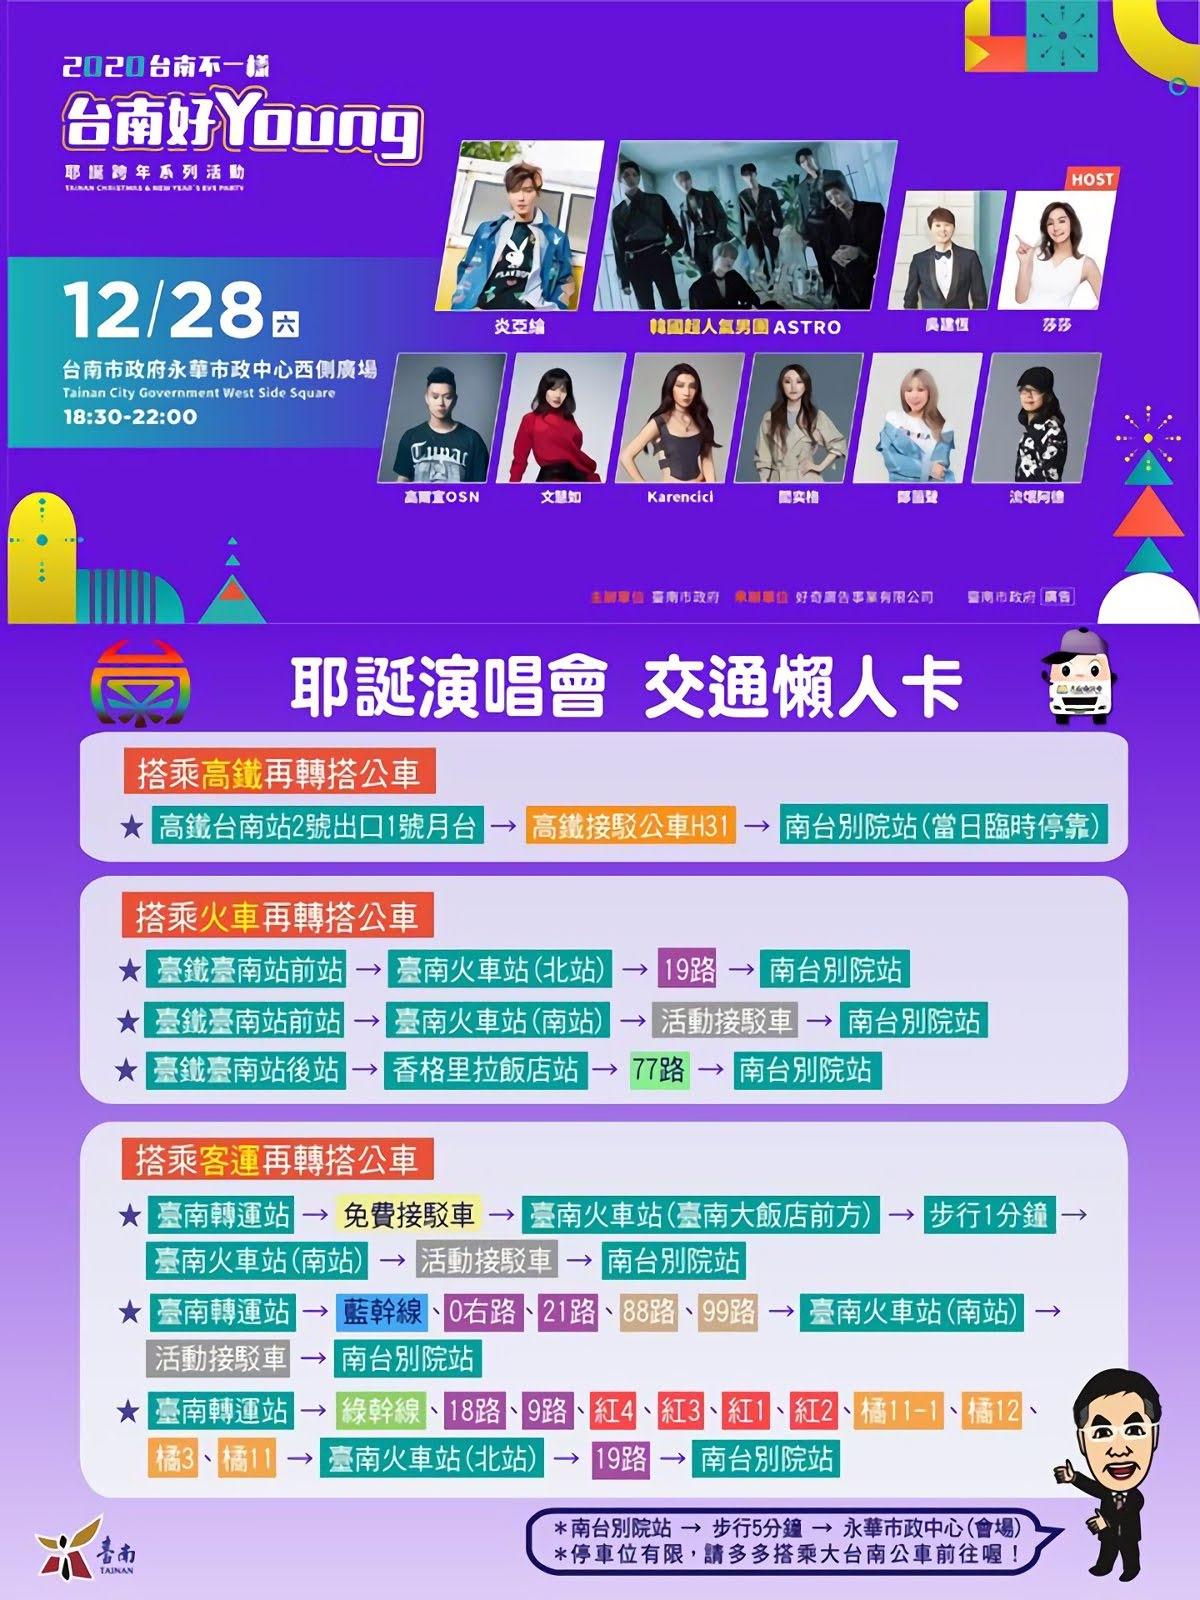 [活動] 台南好Young耶誕跨年城|12/28跨年演唱會|群星邀請大家一起瘋台南